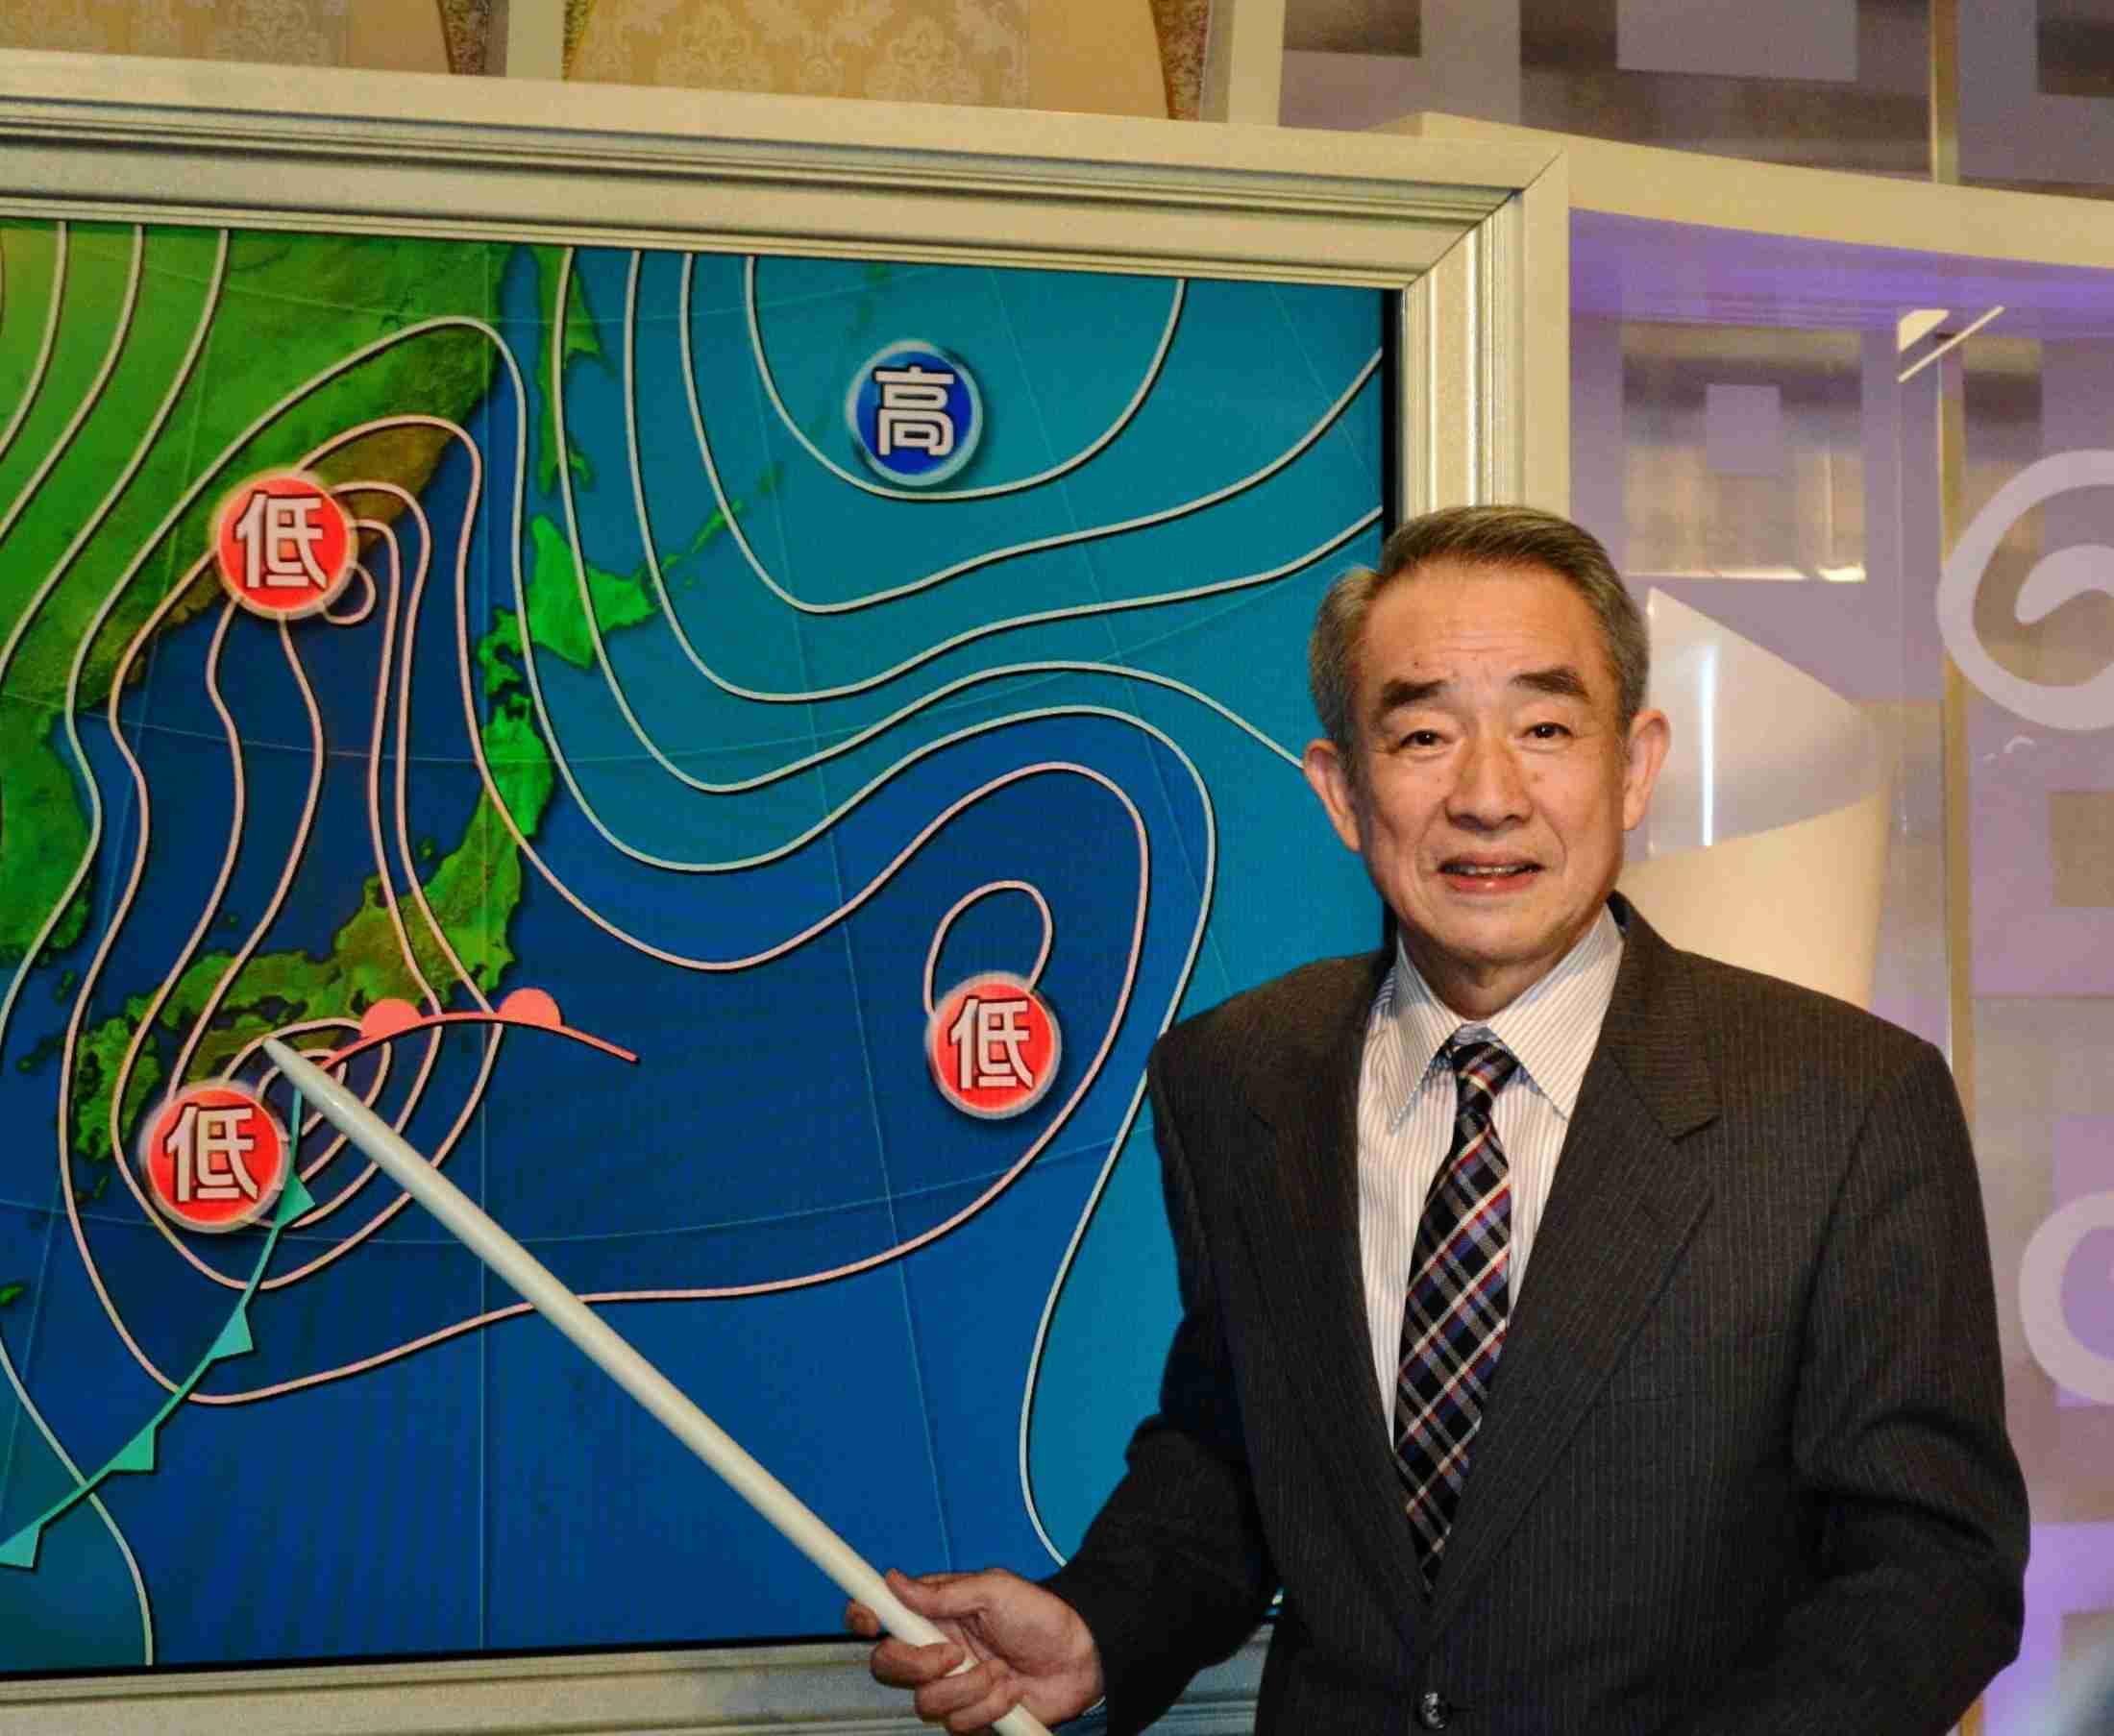 関西の名物お天気おじさん勇退「体力なくなった」…71年からラジオ、テレビで活躍 (デイリースポーツ) - Yahoo!ニュース